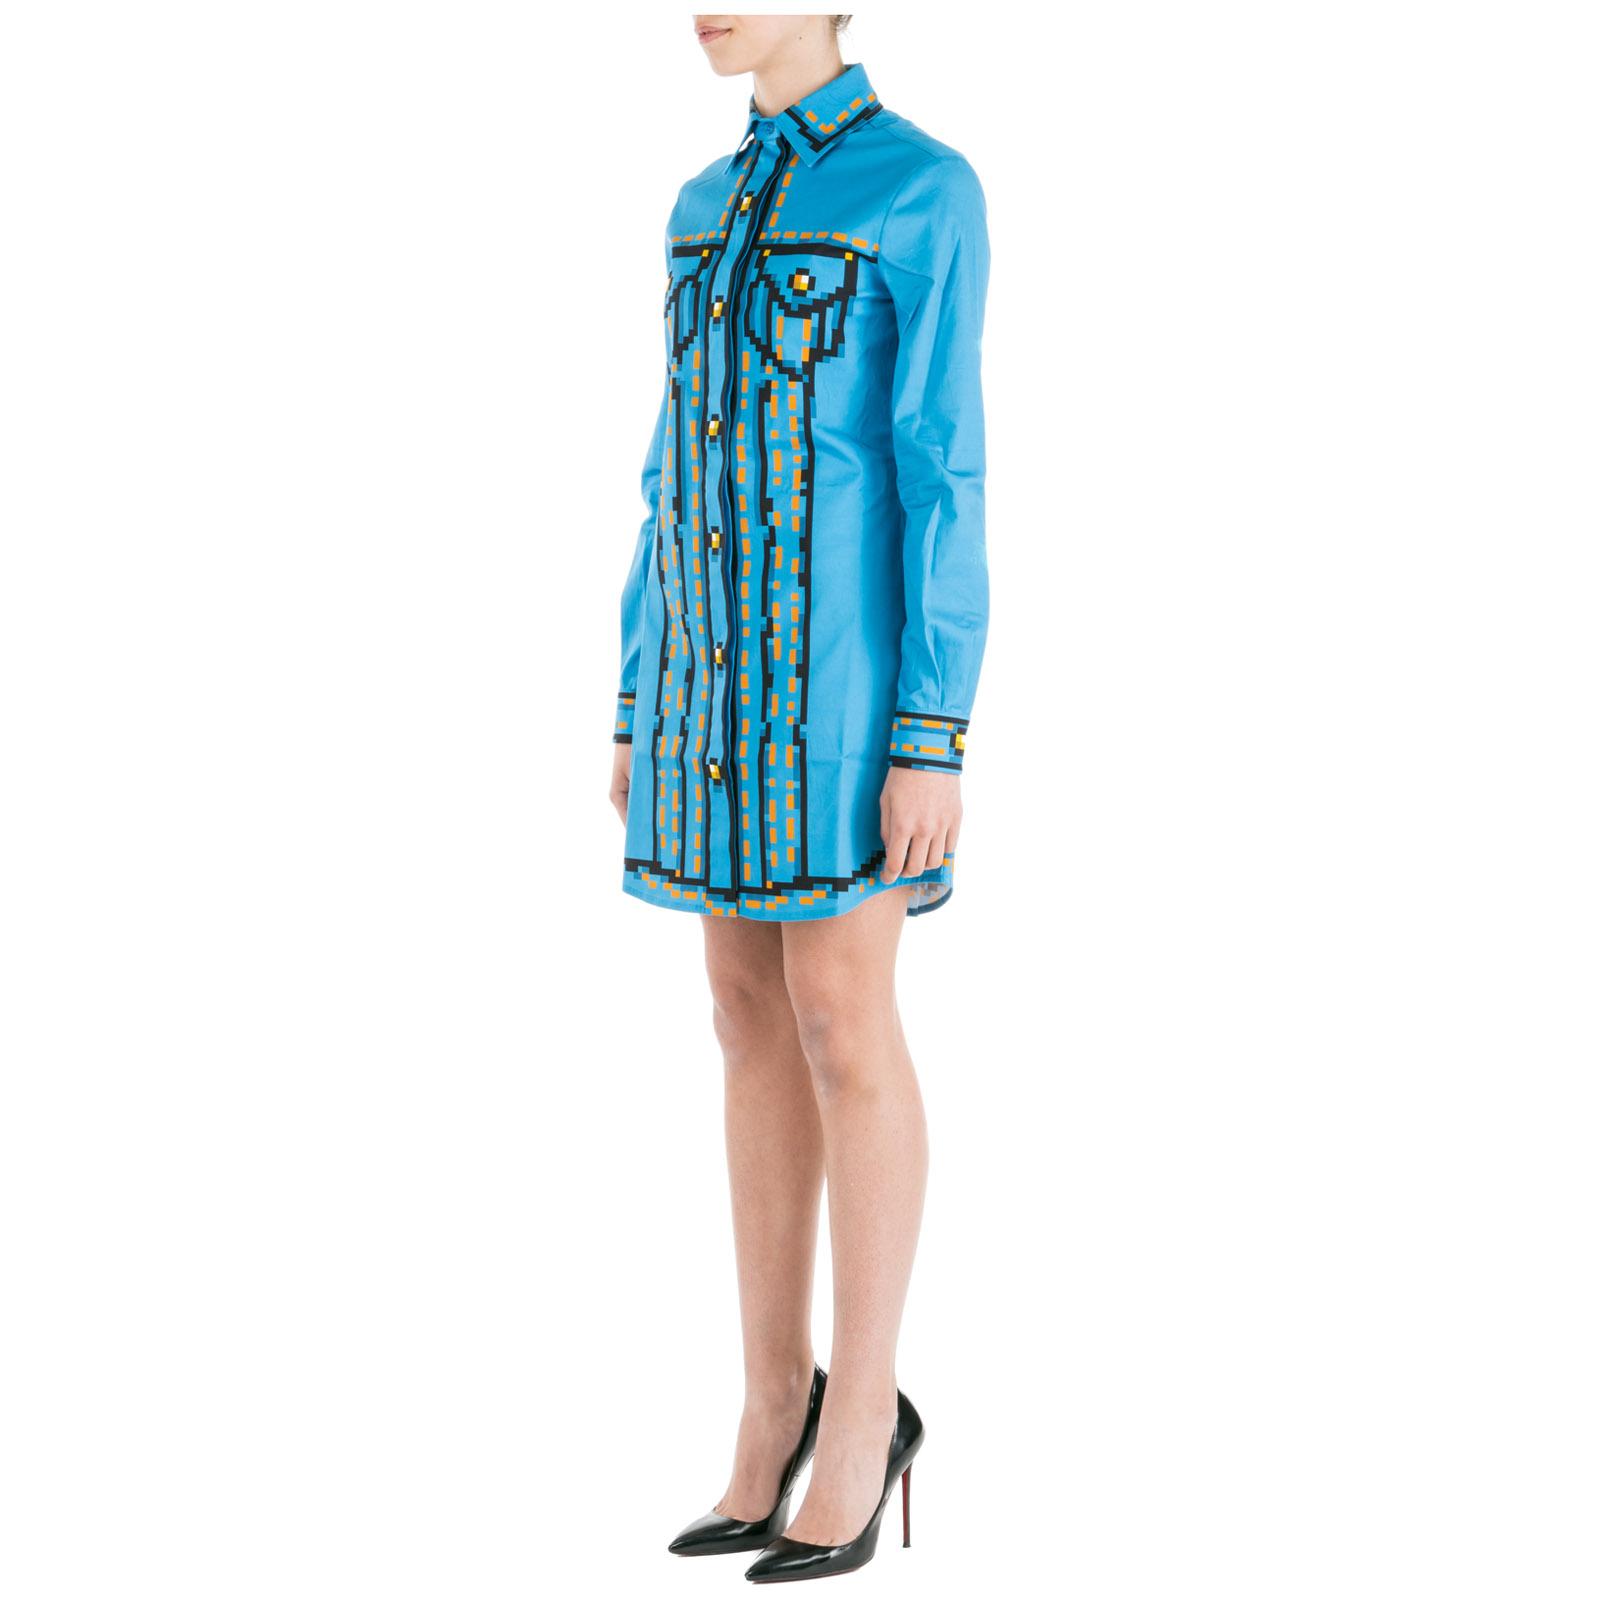 sale retailer 0a78e 296f9 Vestito abito donna corto miniabito manica lunga pixel capsule